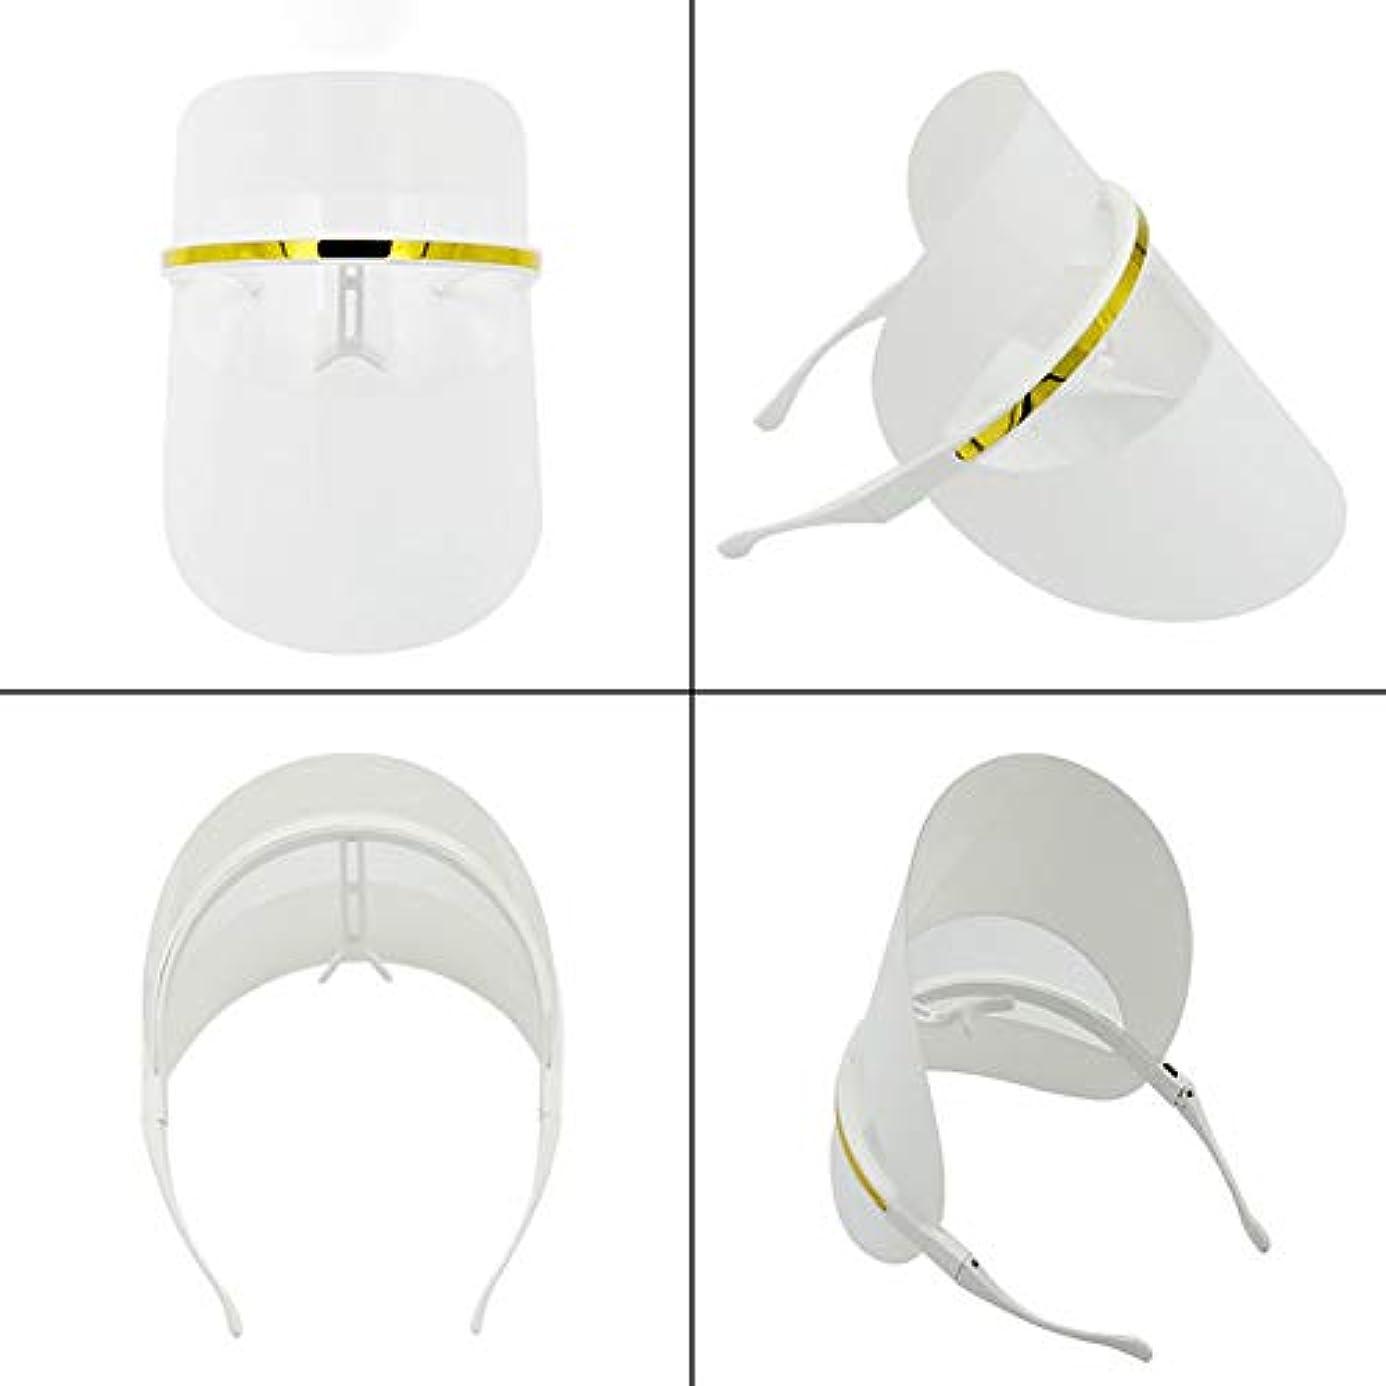 クリスマス無駄罪7色LEDフェイスマスク、LEDフォトンビューティーマスク、健康的な肌の若返りのためのフォトンレッドライトセラピー、コラーゲン、アンチエイジング、しわ、瘢痕